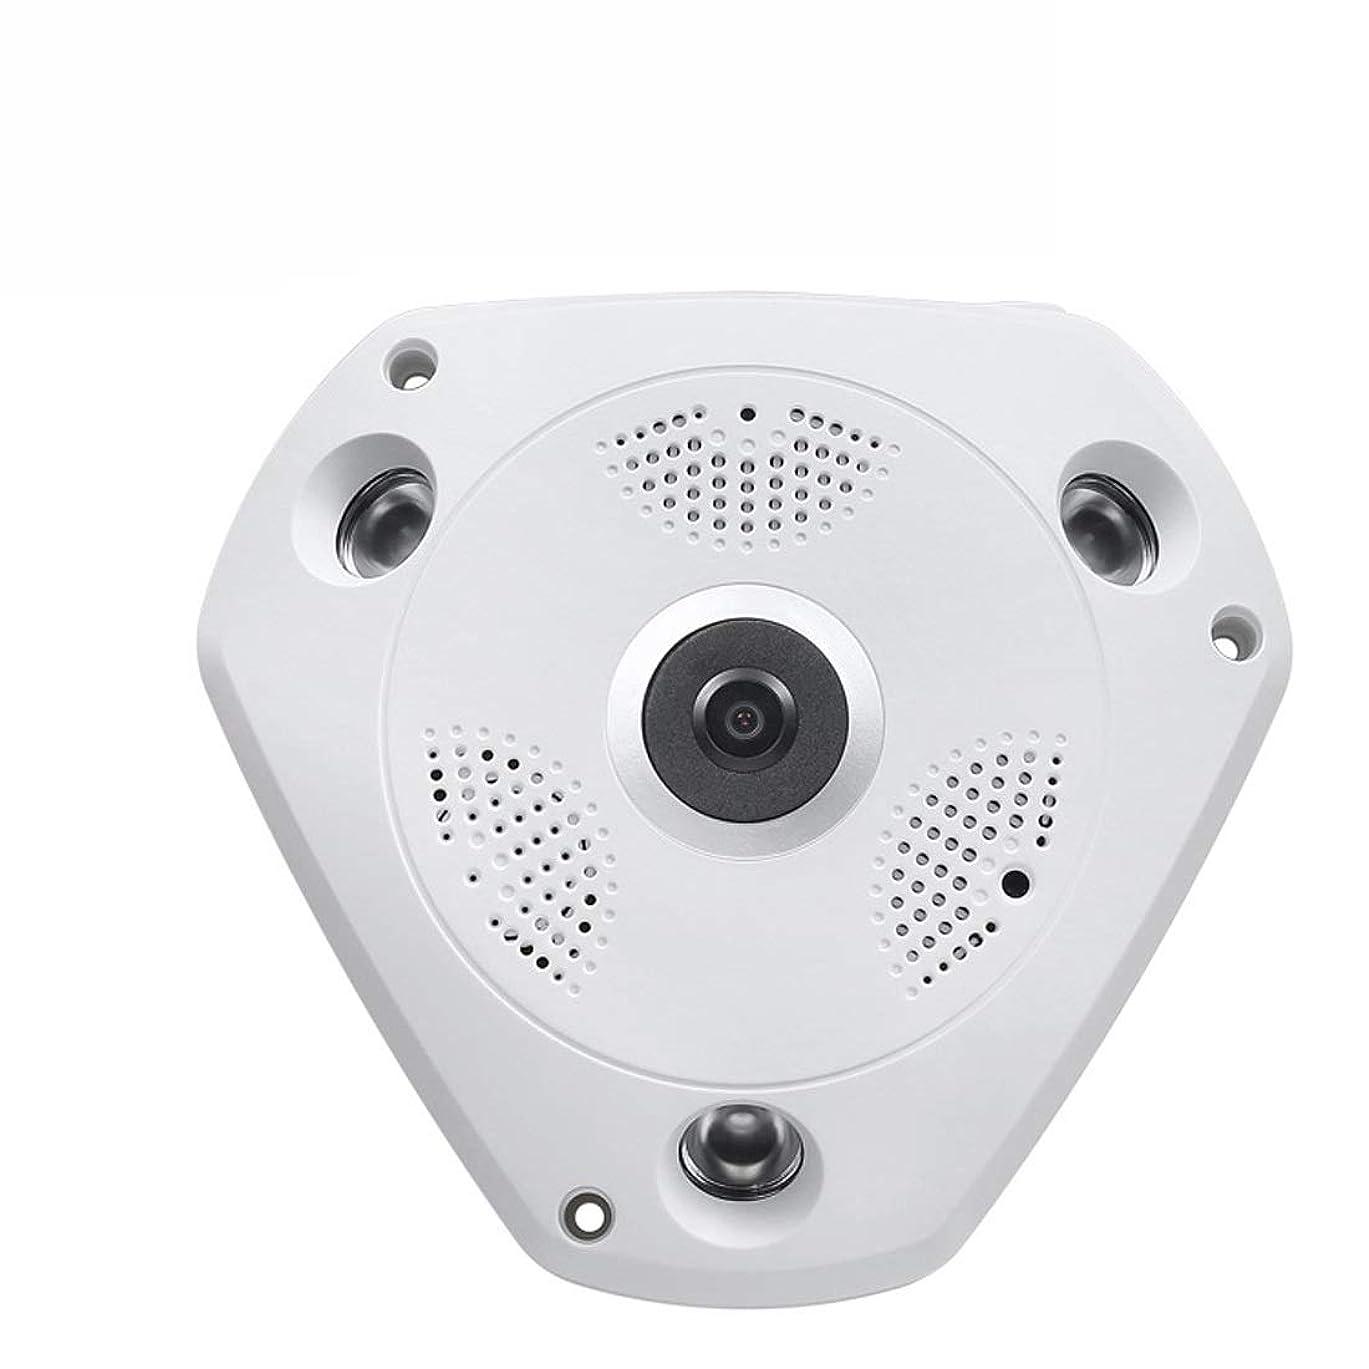 超音速先のことを考えるぼろ方朝日スポーツ用品店 3G4Gパノラマ360度ウェブカメラワイヤレスwifi HDインテリジェントモニタリング携帯電話リモートVRナイトビジョン